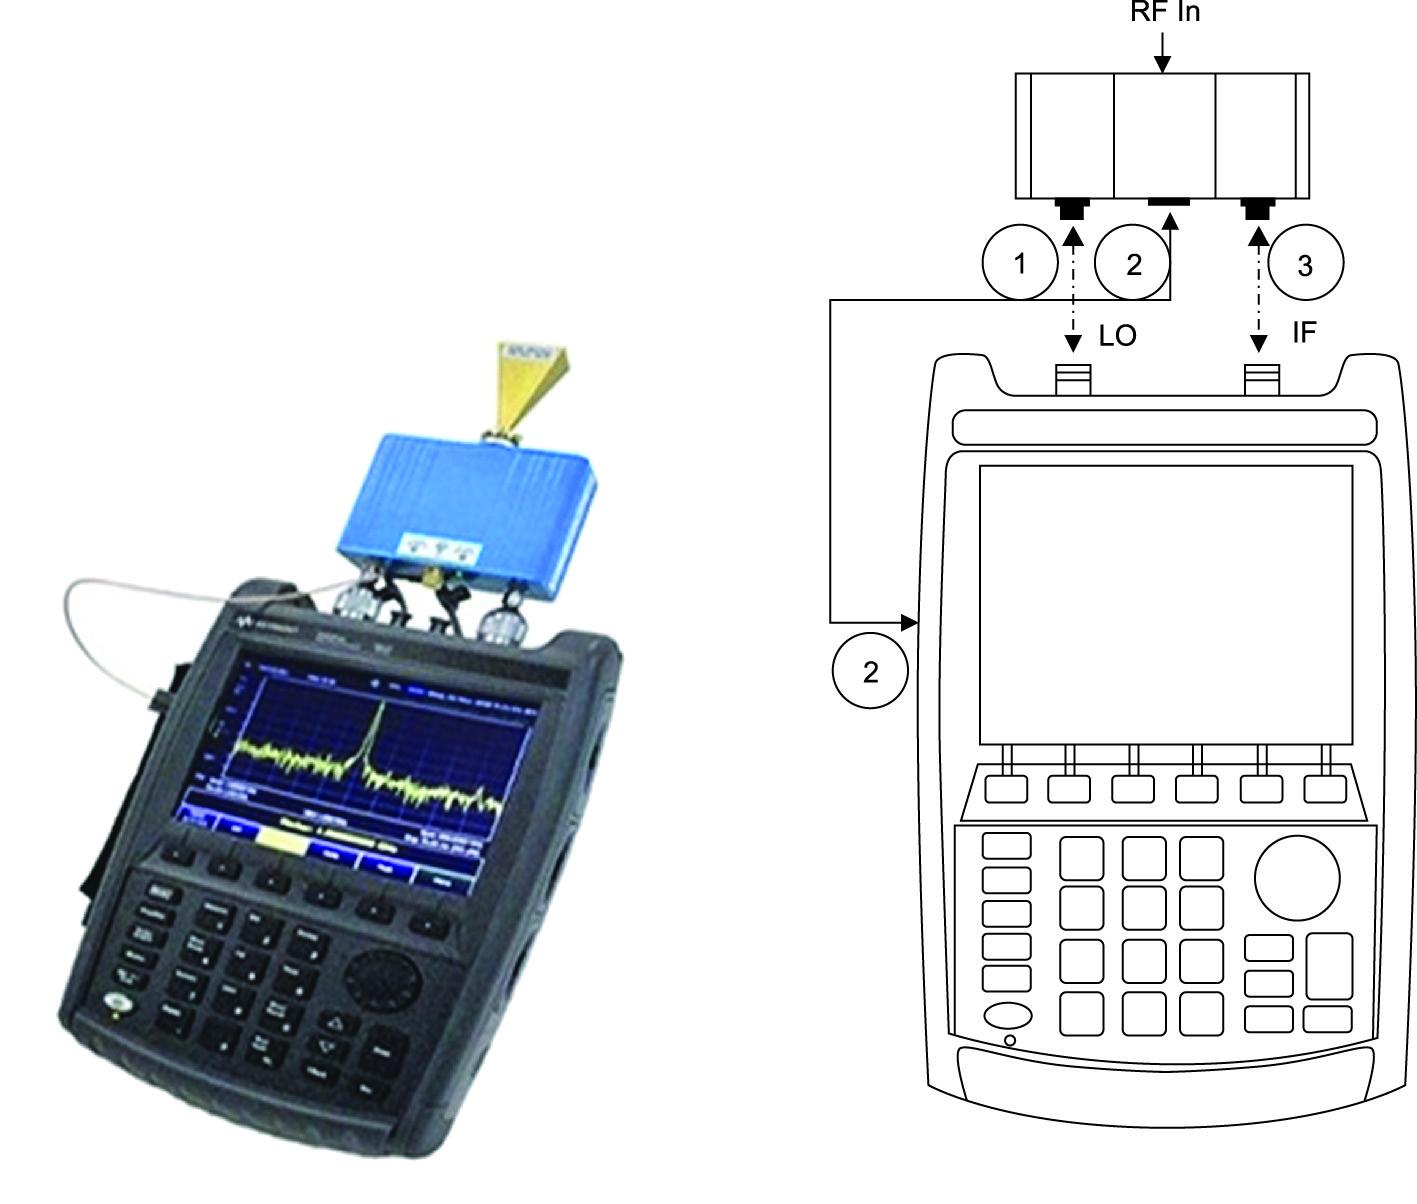 Использование расширителя компании OML и схема его подключения к портативному анализатору спектра Keysight FieldFox